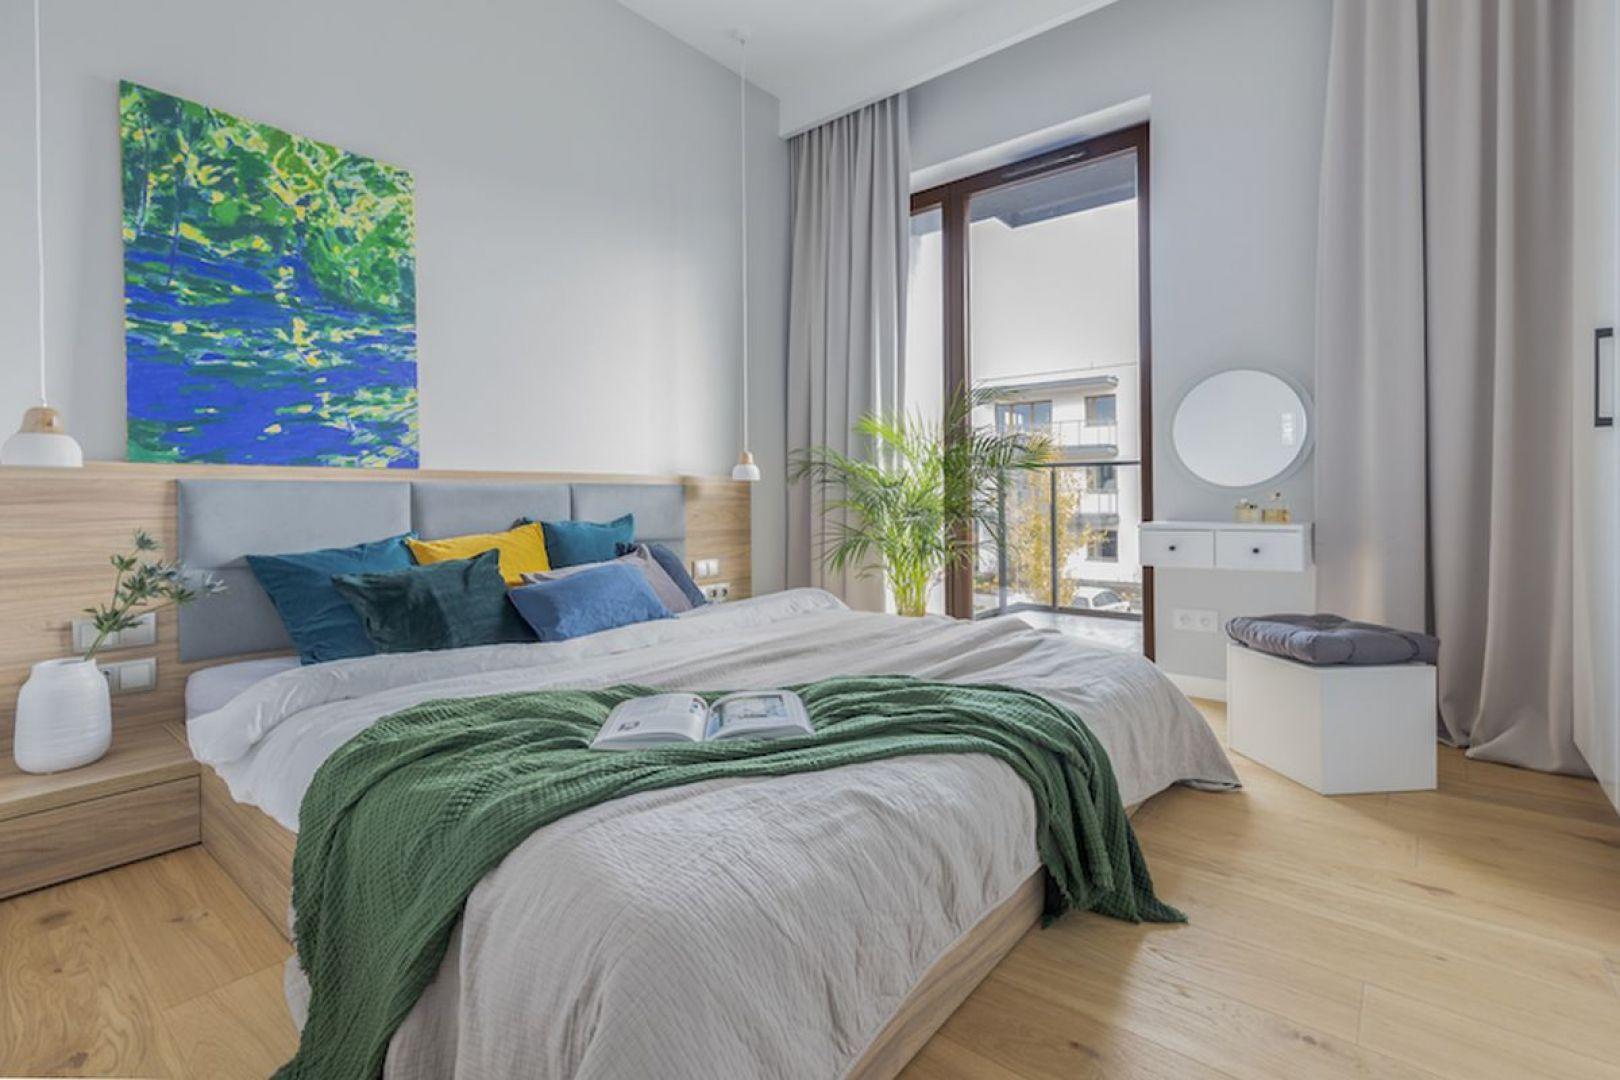 Prosty i efektowny pomysł - na ścianie za łóżkiem znalazł się kolorowy obraz. Projekt i zdjęcia: Renata Blaźniak-Kuczyńska, Renee's Interior Design